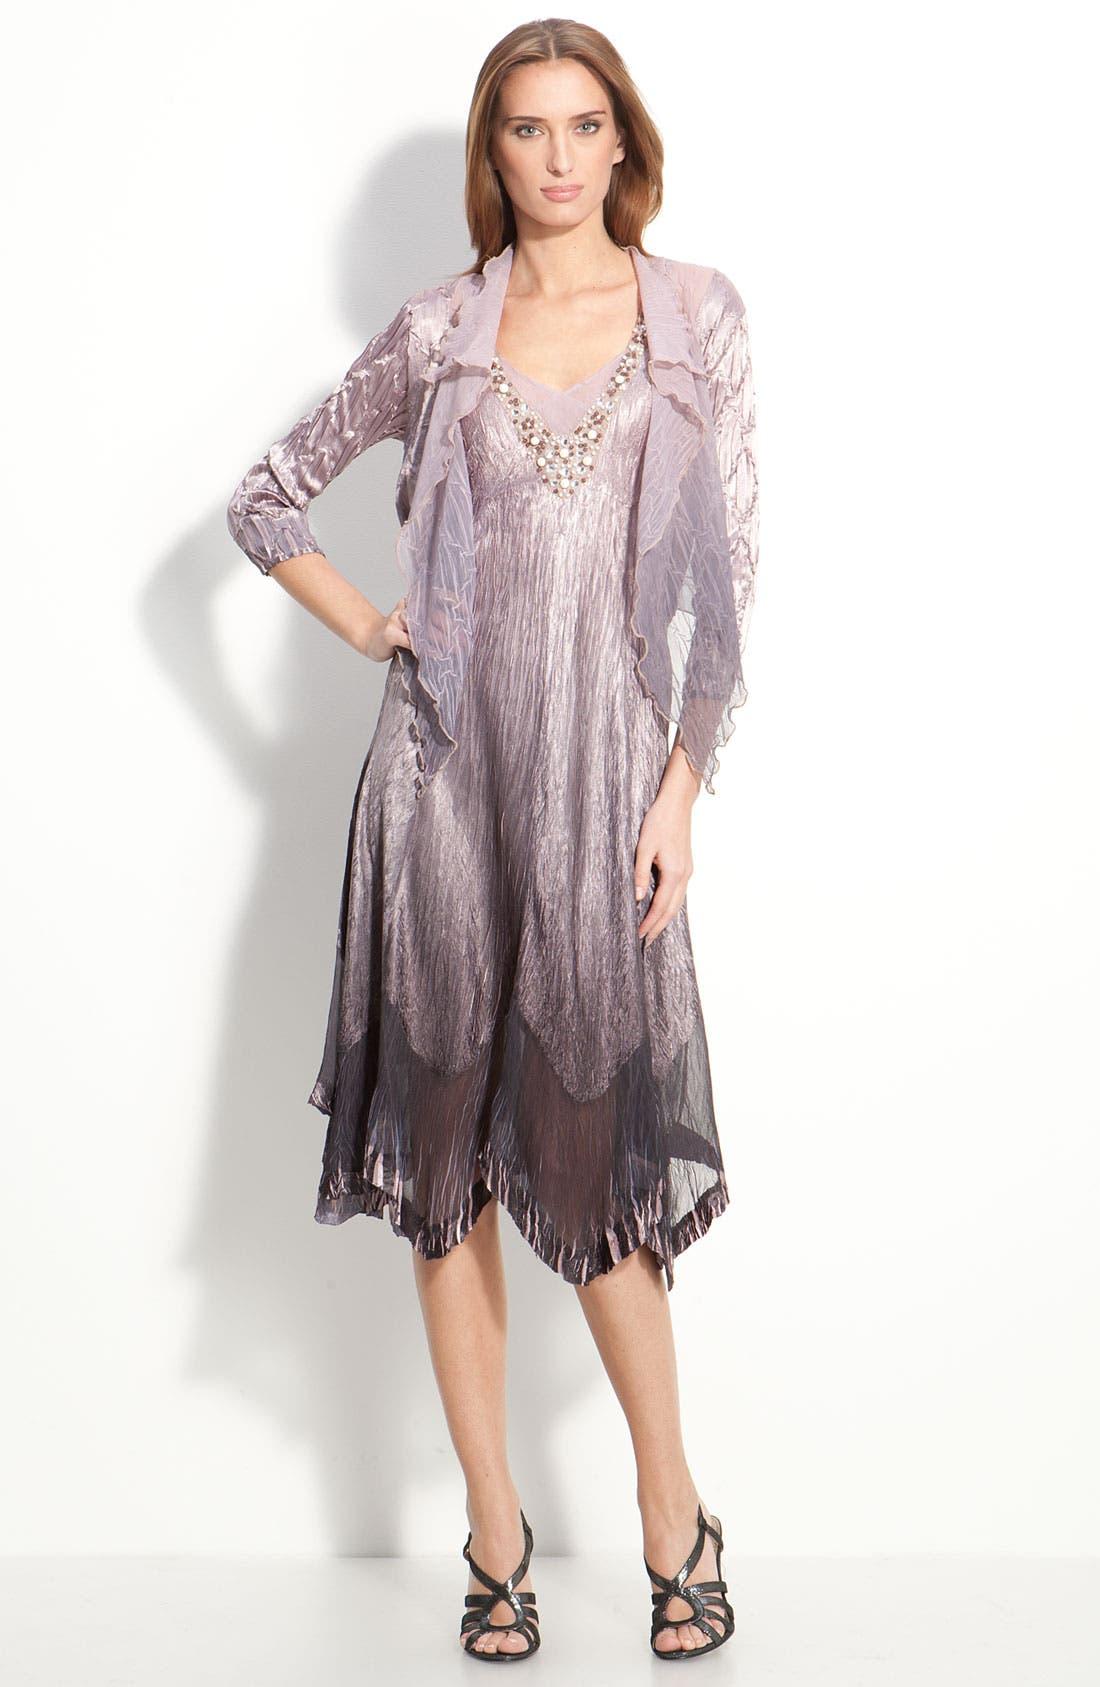 Alternate Image 1 Selected - Komarov Beaded Pleated Charmeuse Dress & Jacket (Regular & Petite)